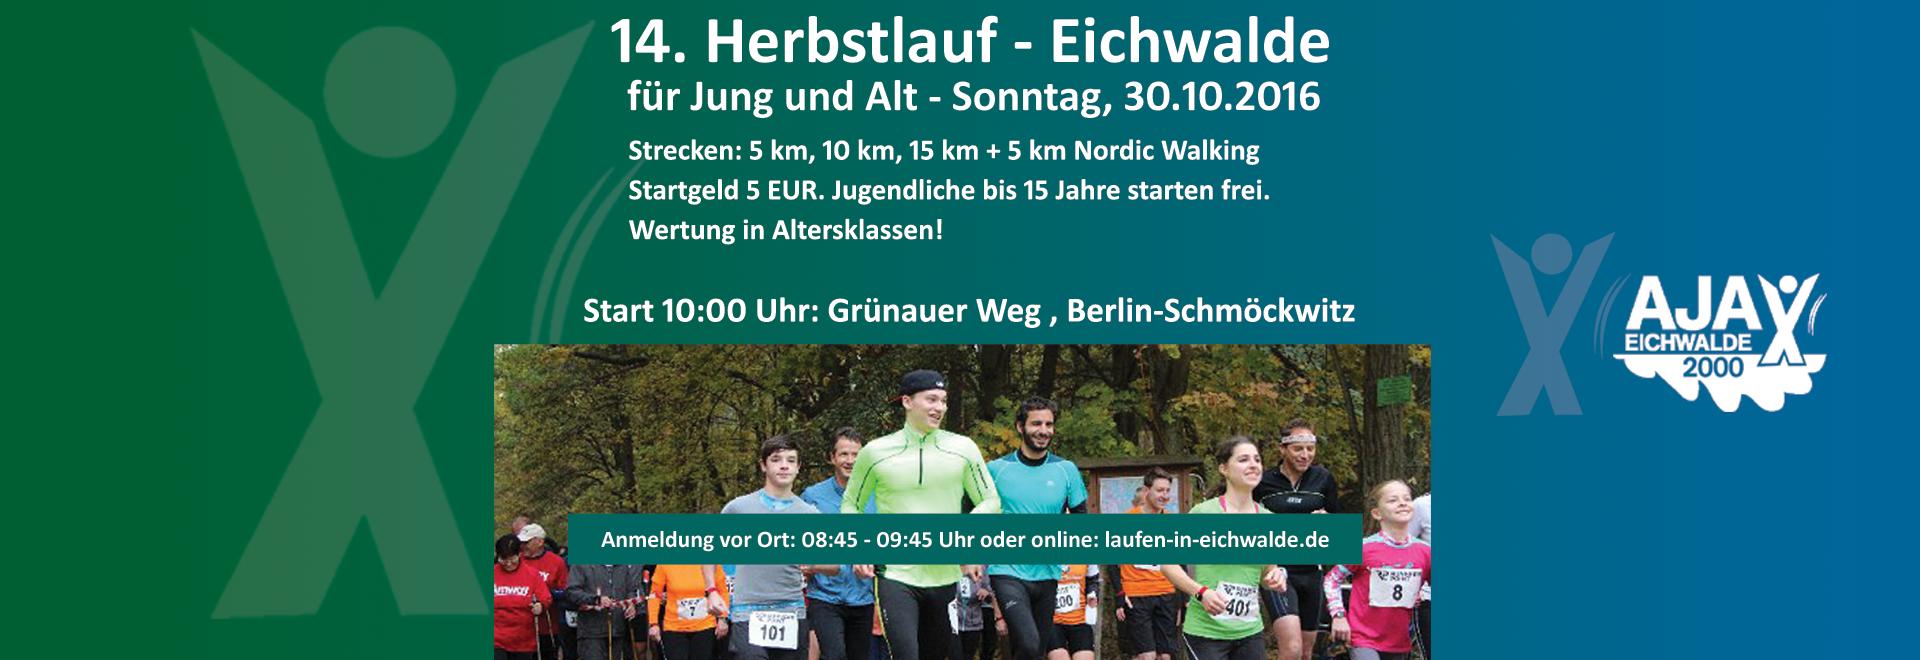 Banner-Website_Herbstlauf